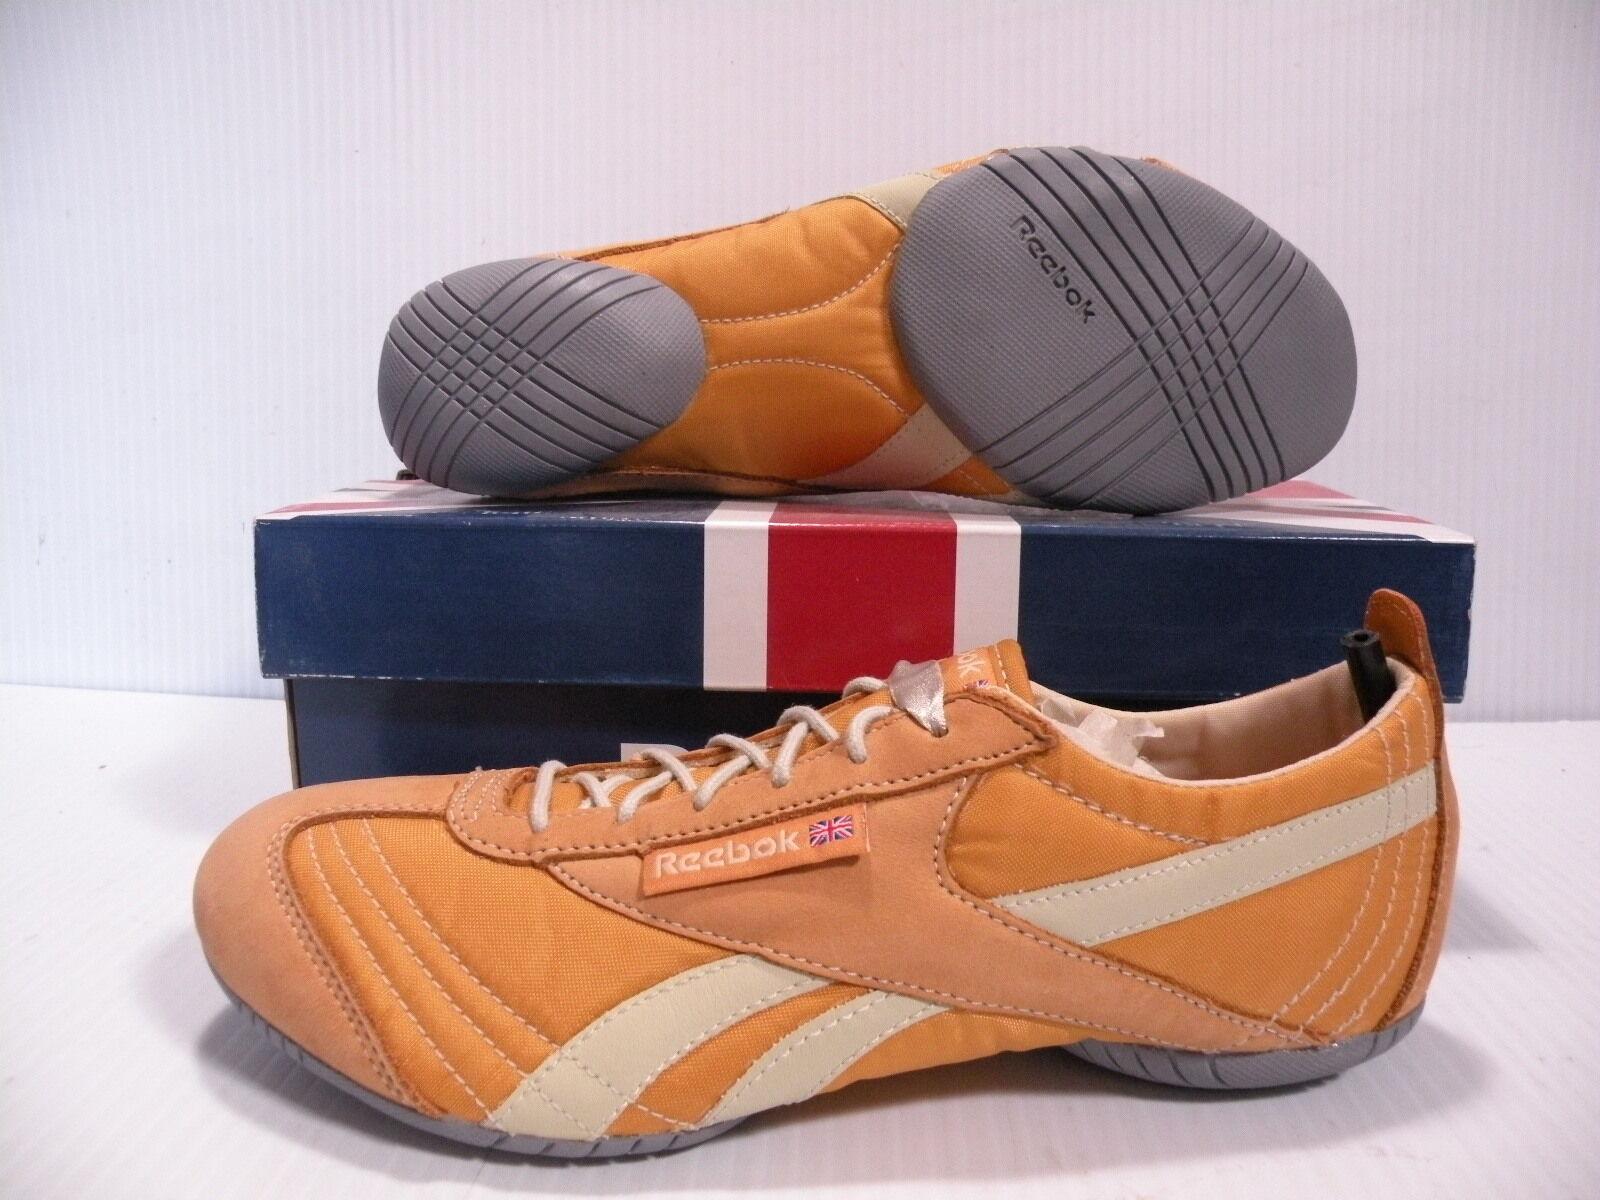 Zapatos Reebok Mujeres Baja De Nylon zenswa ORENGE blancoo 2-134726 2-134726 2-134726 Talla 10 Nuevo  tienda en linea